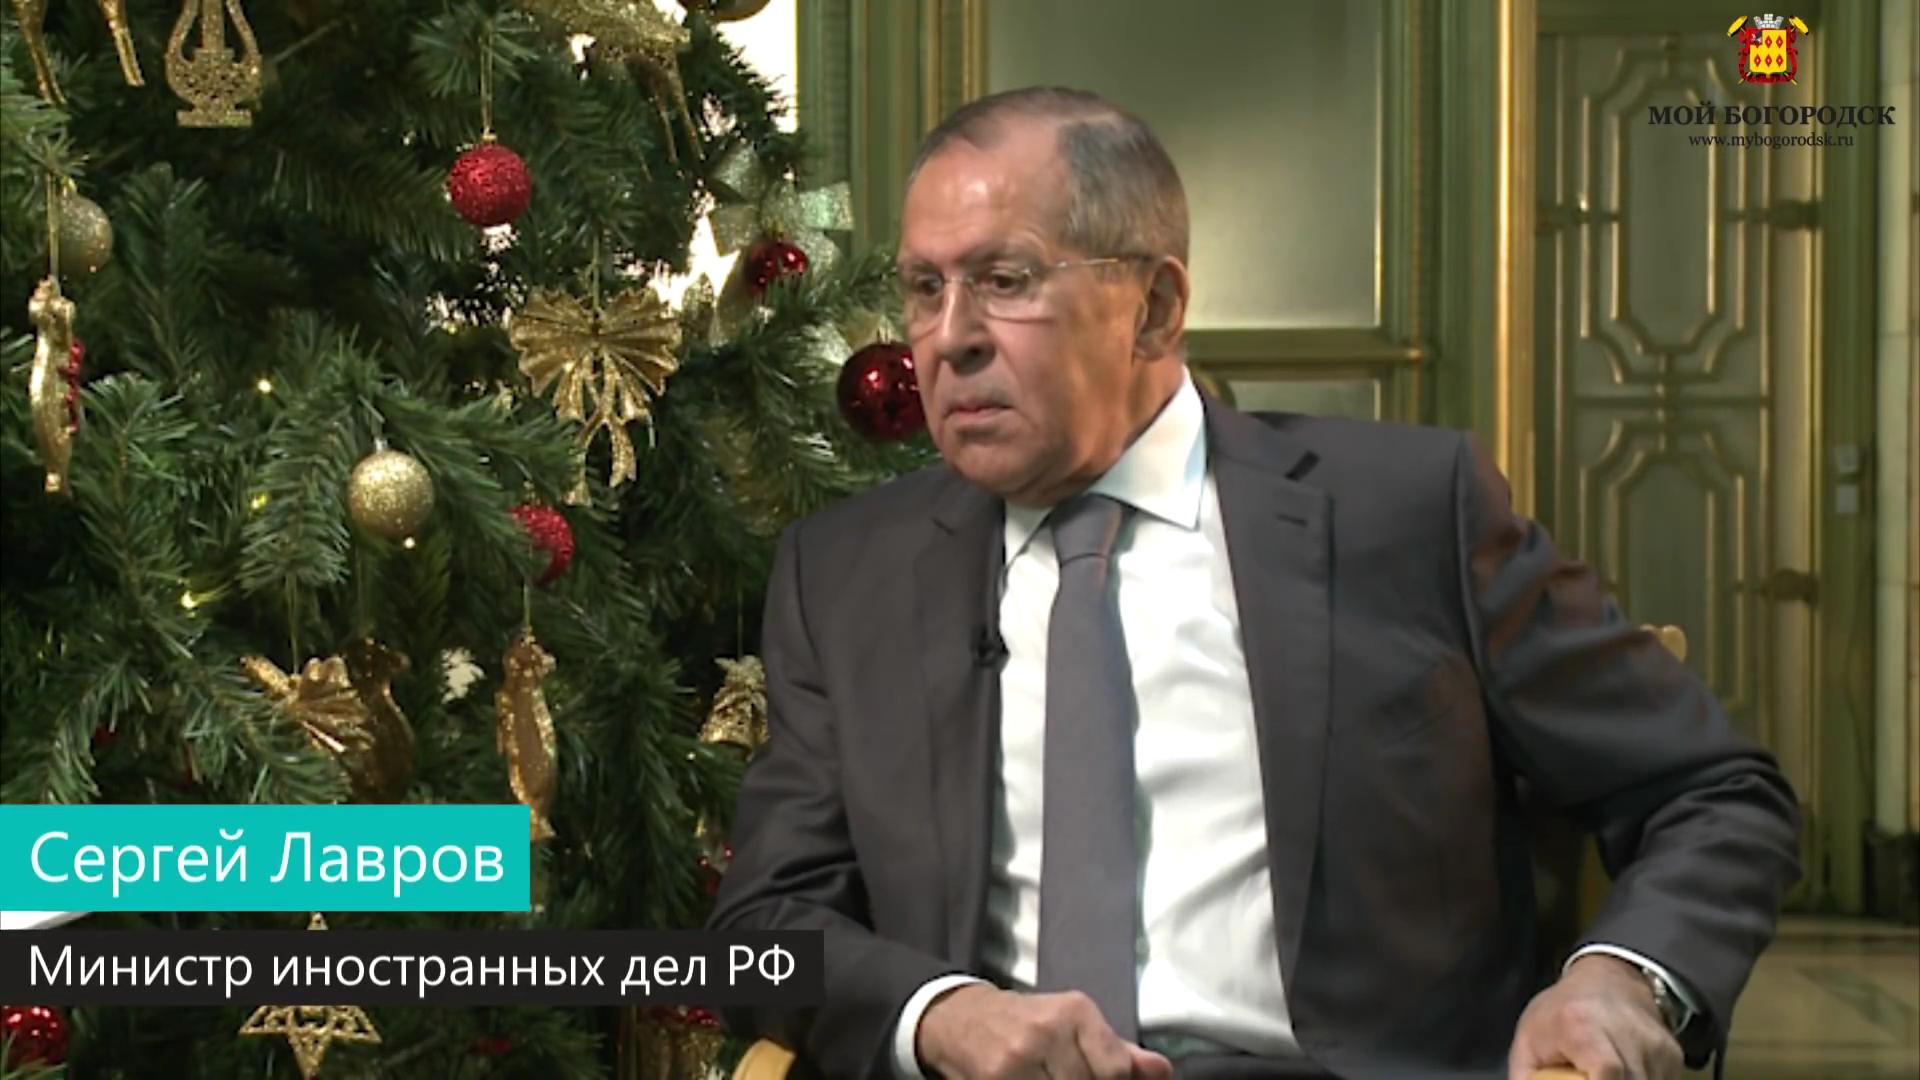 Сергей Лавров о переименовании в Богородск